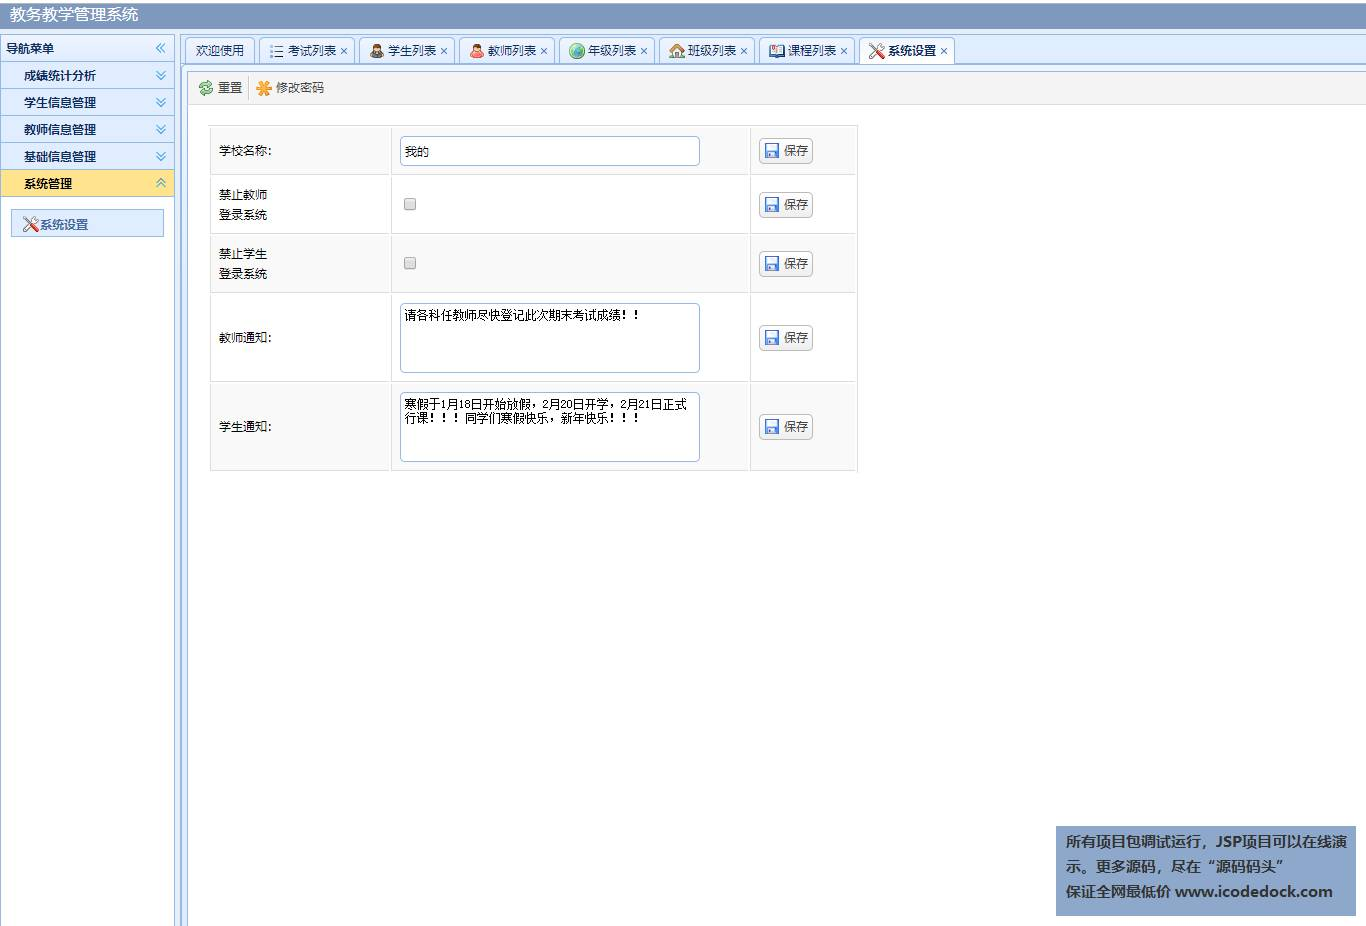 源码码头-JSP教务教学管理系统-管理员角色-系统设置